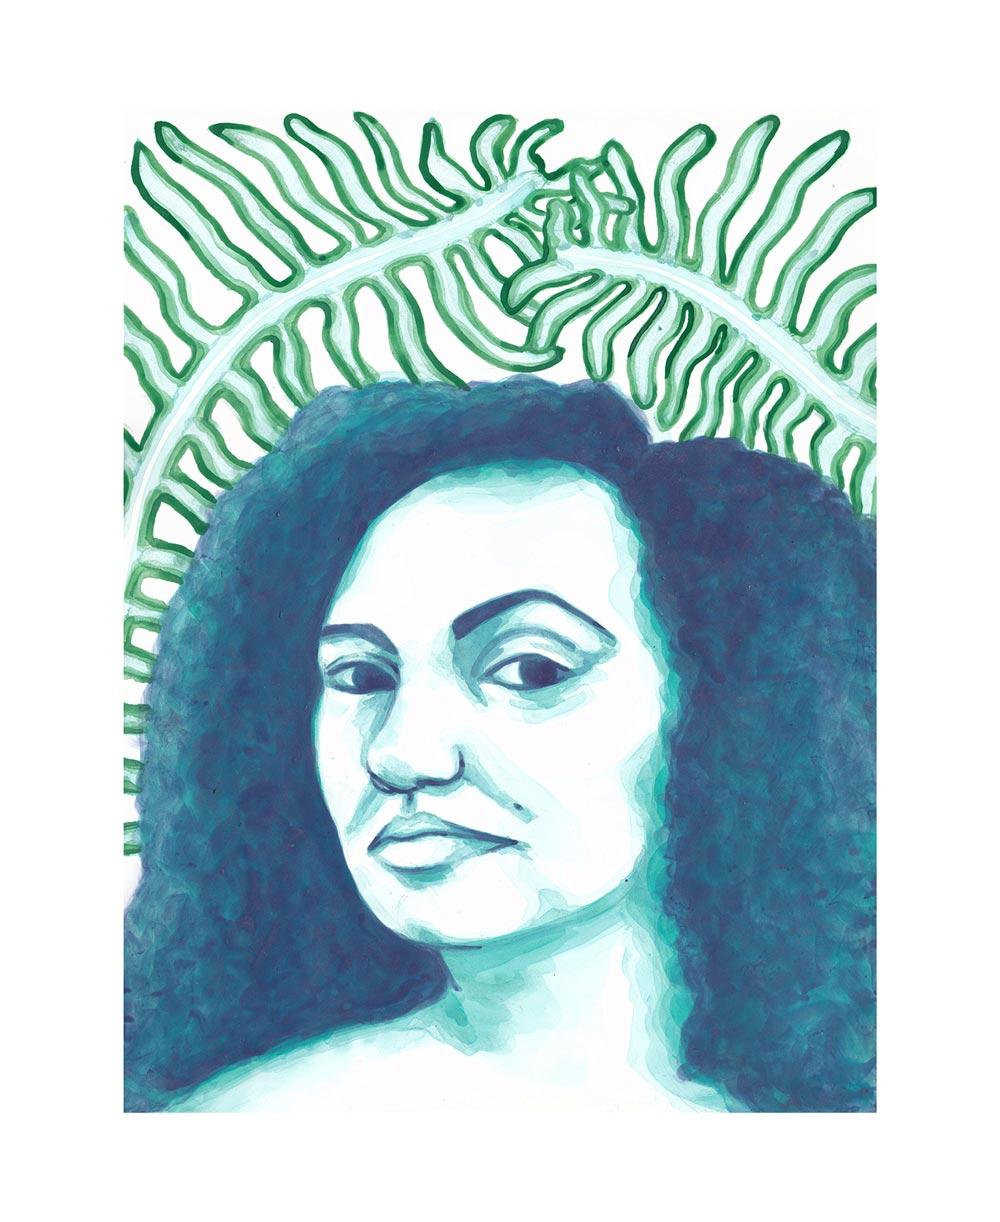 Laila na Bahia . Acrylic ink. 2018.